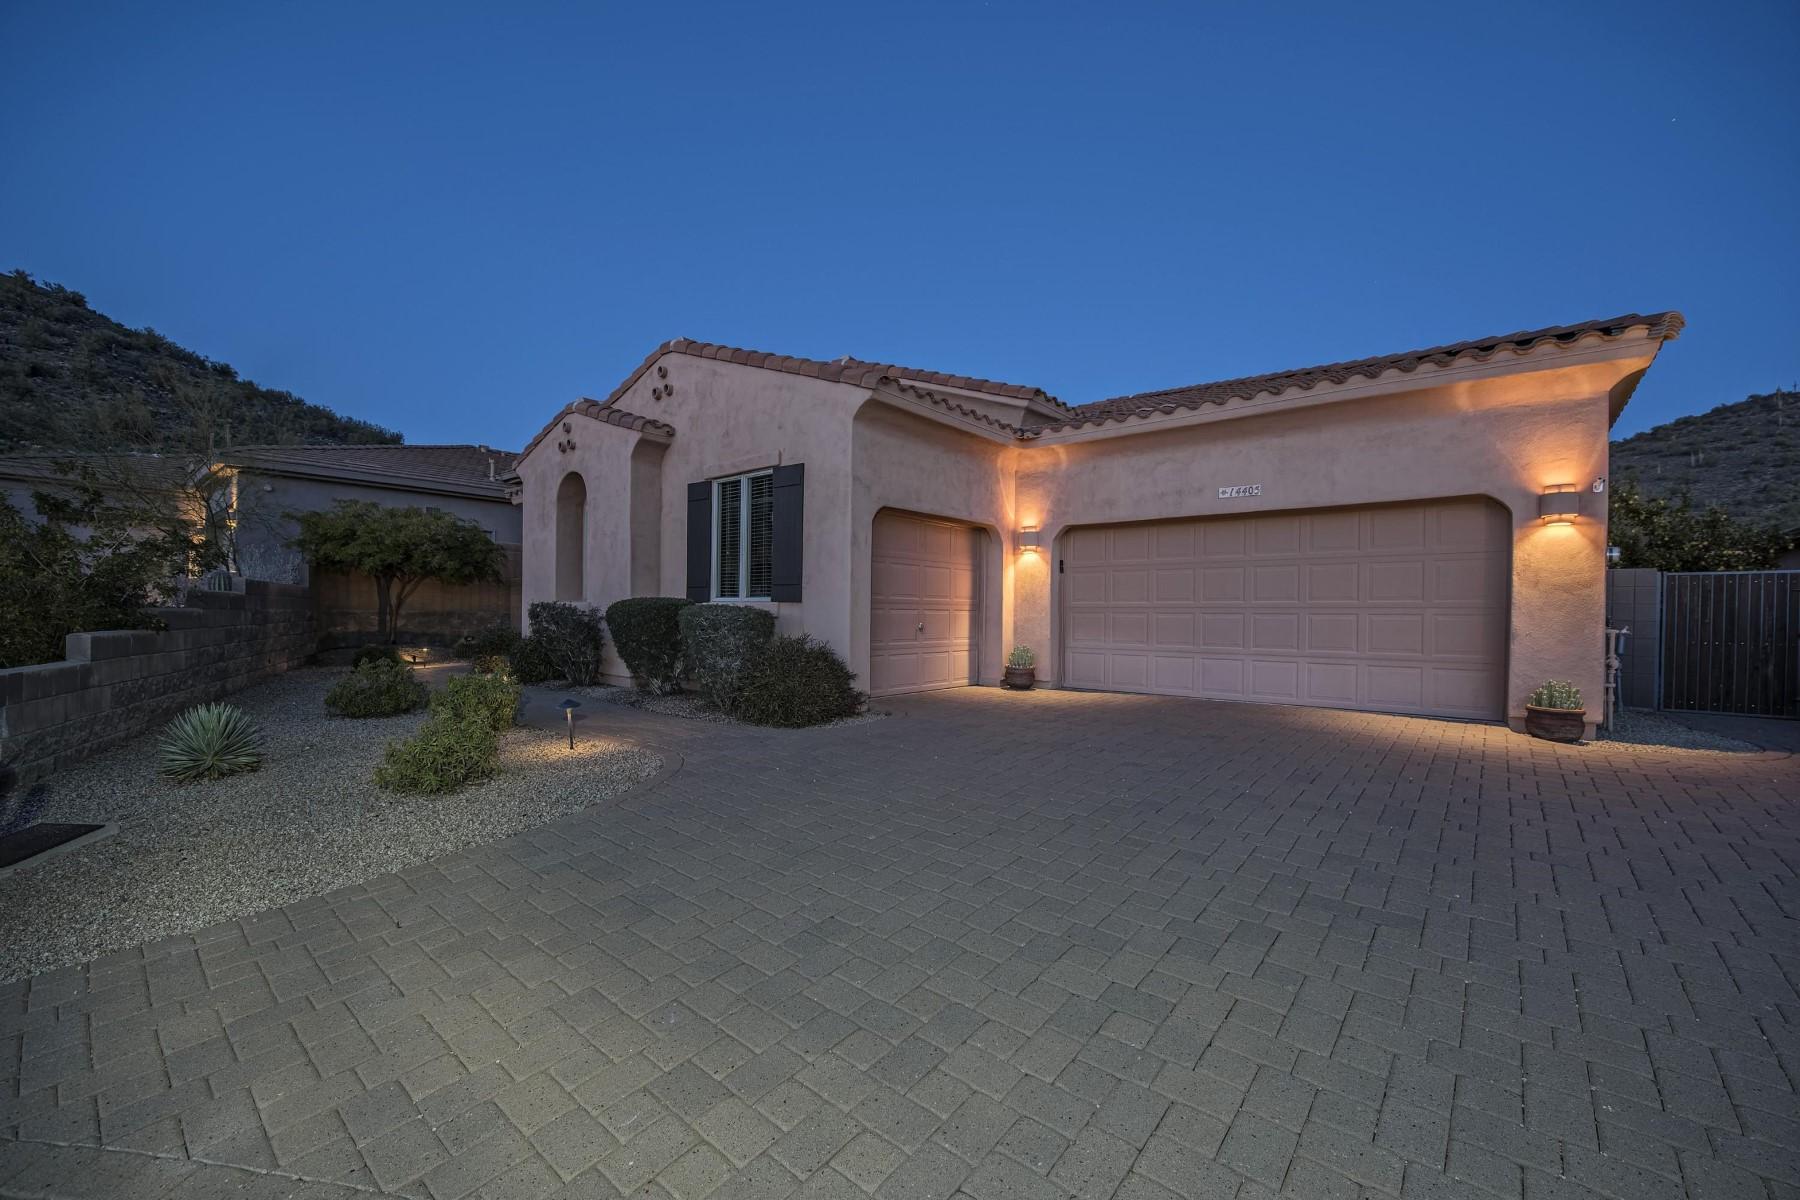 Vivienda unifamiliar por un Venta en Stunning home with views 14405 E Geronimo Rd Scottsdale, Arizona, 85259 Estados Unidos